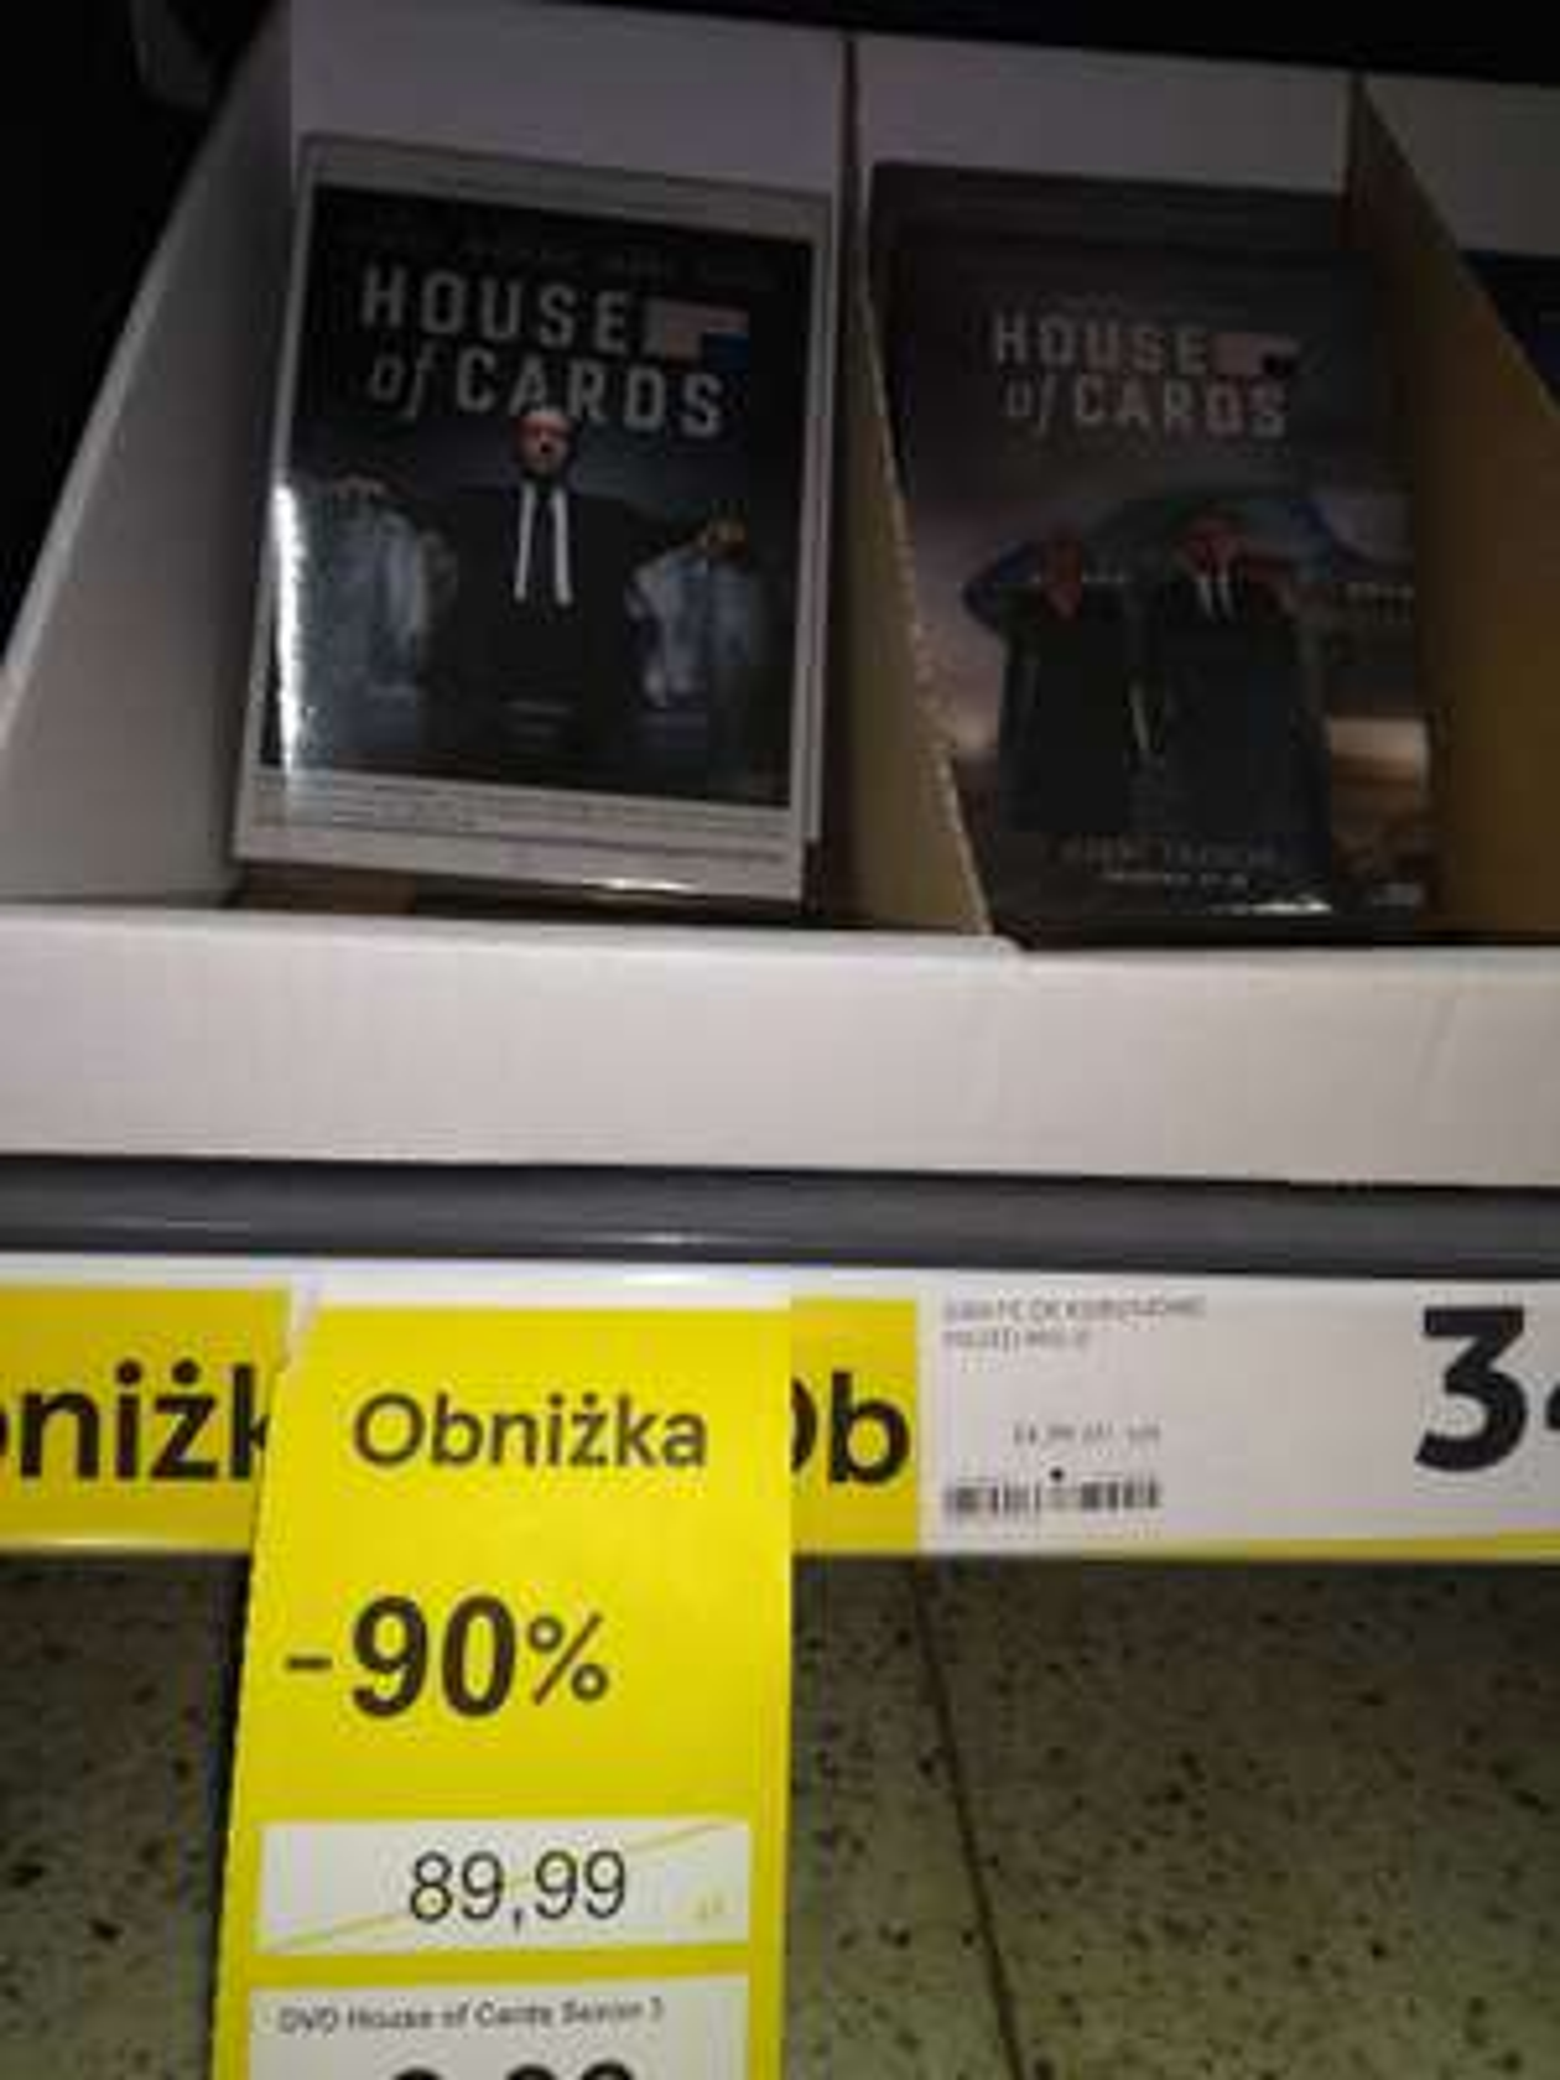 House of cards dvd sezon 1, sezon3. Tesco